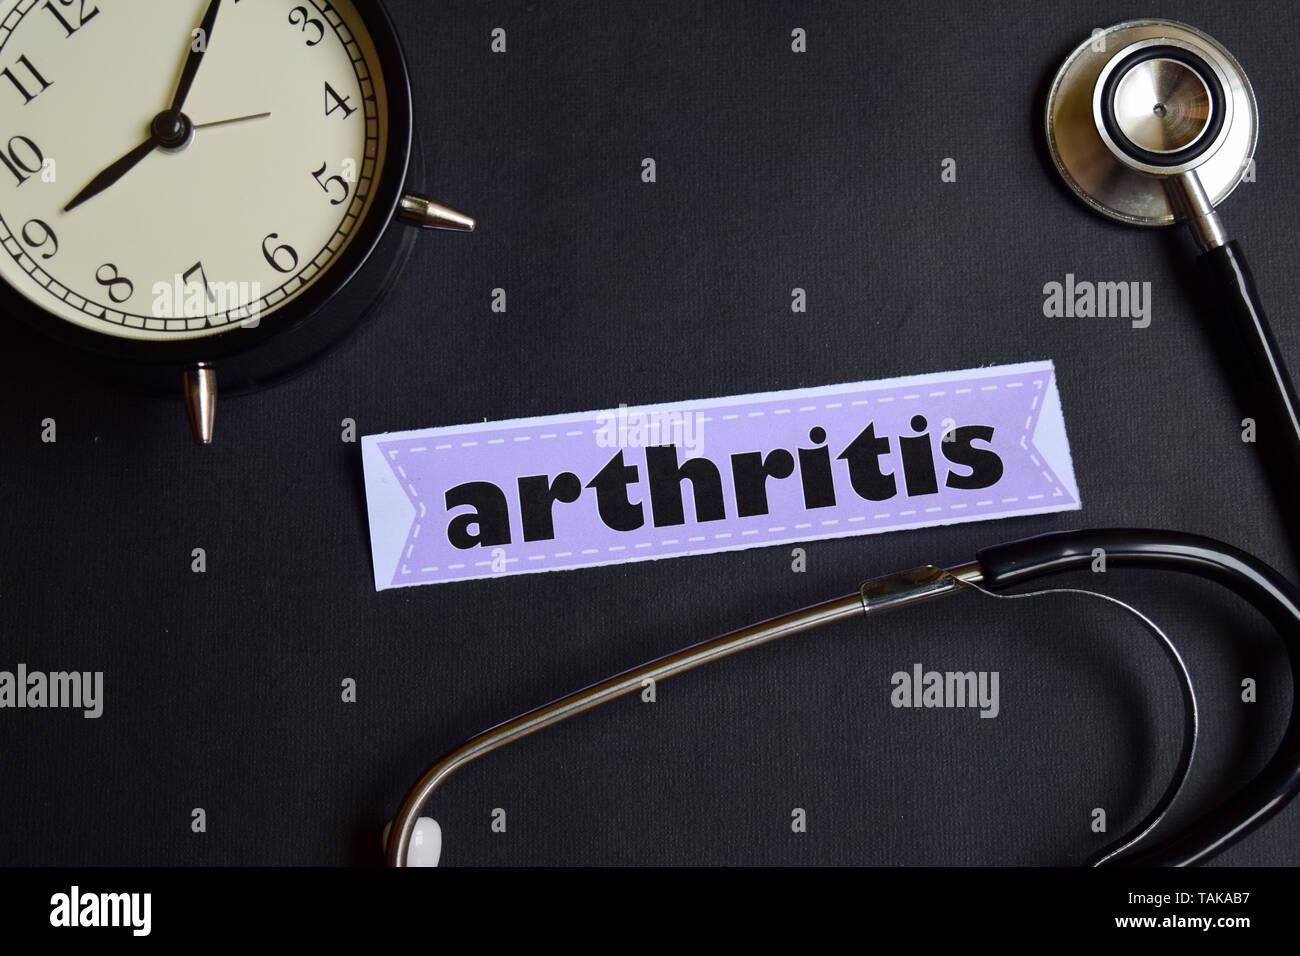 Arthritis auf dem Papier mit Healthcare Konzept Inspiration. Wecker, Schwarz Stethoskop. Stockbild